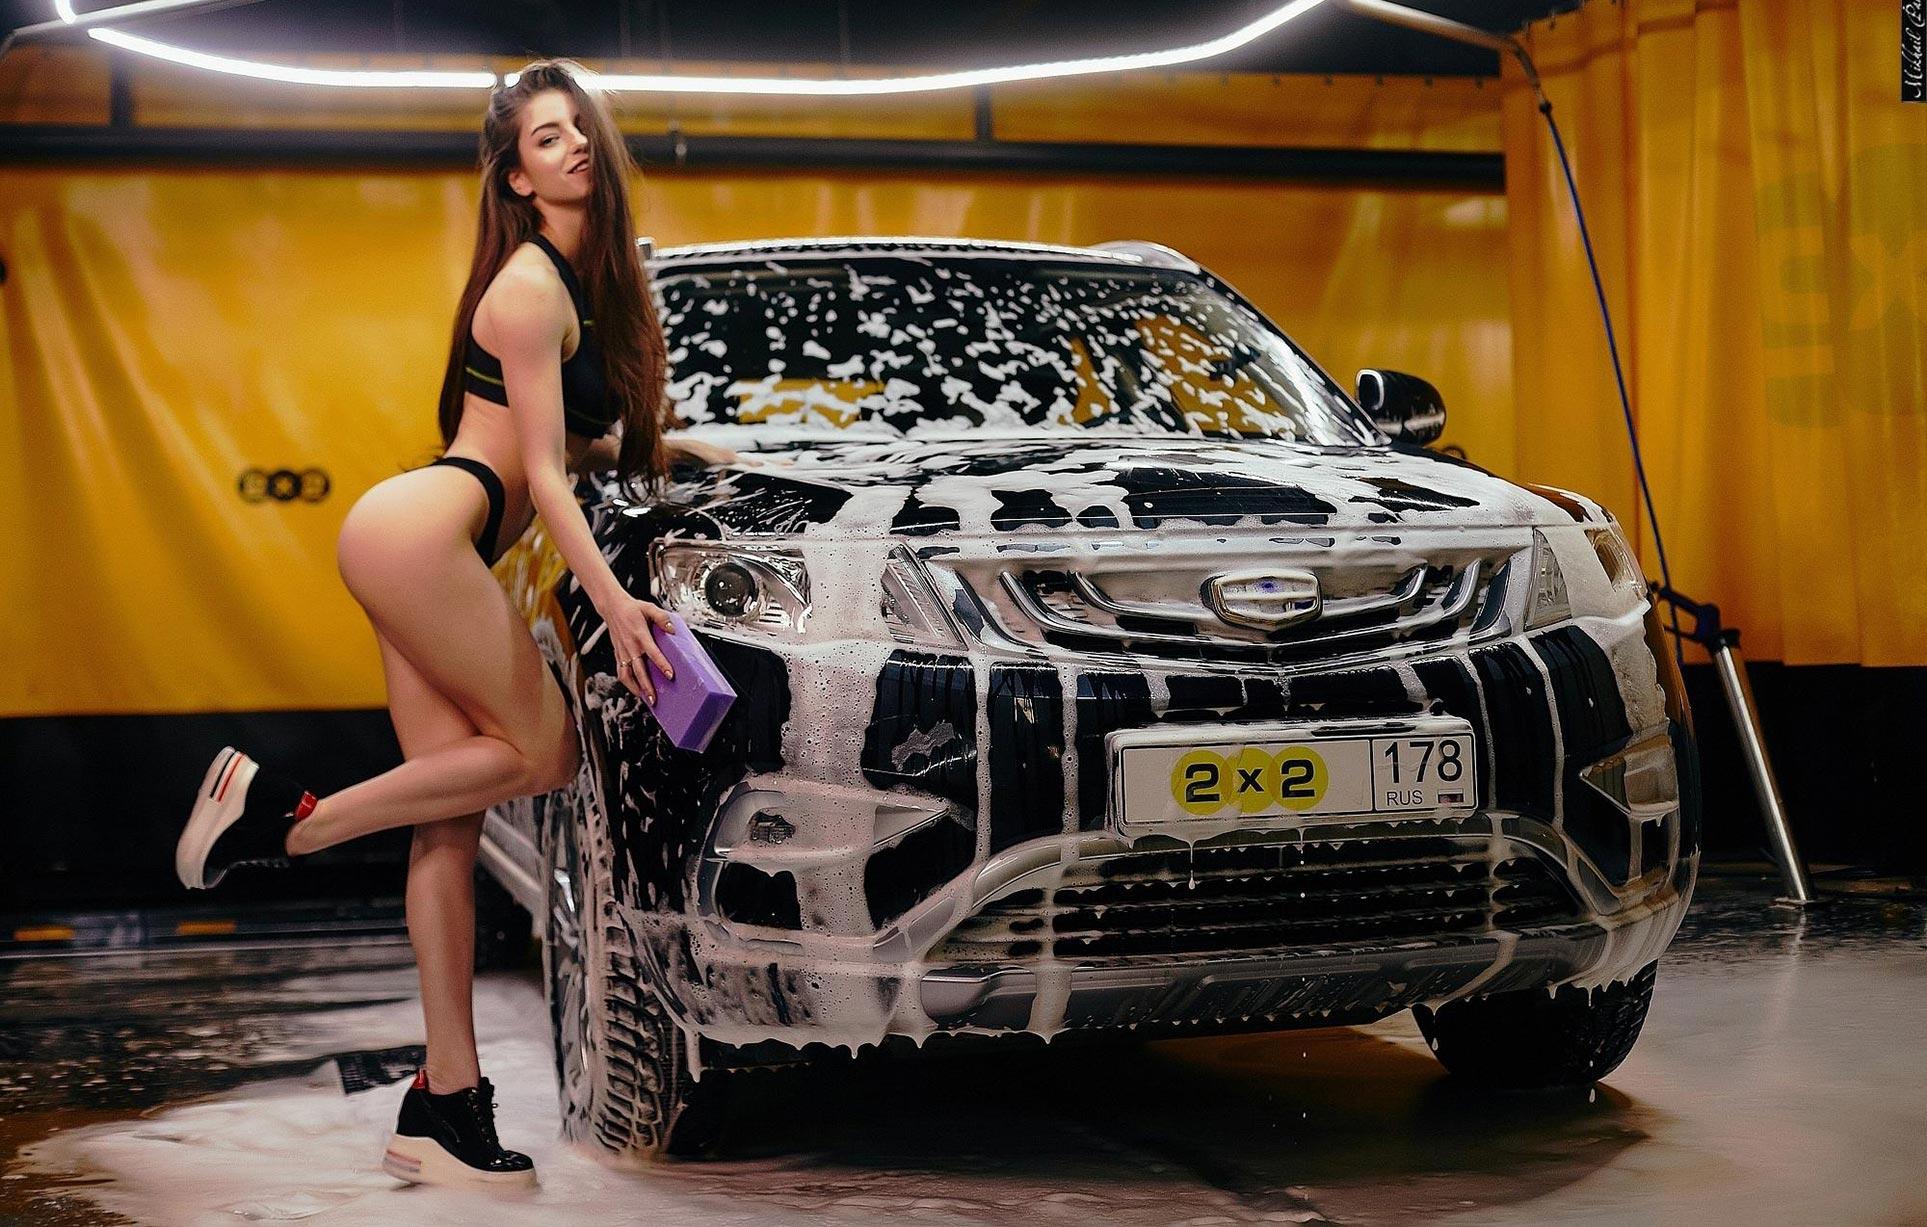 Анна Сазонова в купальнике моет машину / фото 02